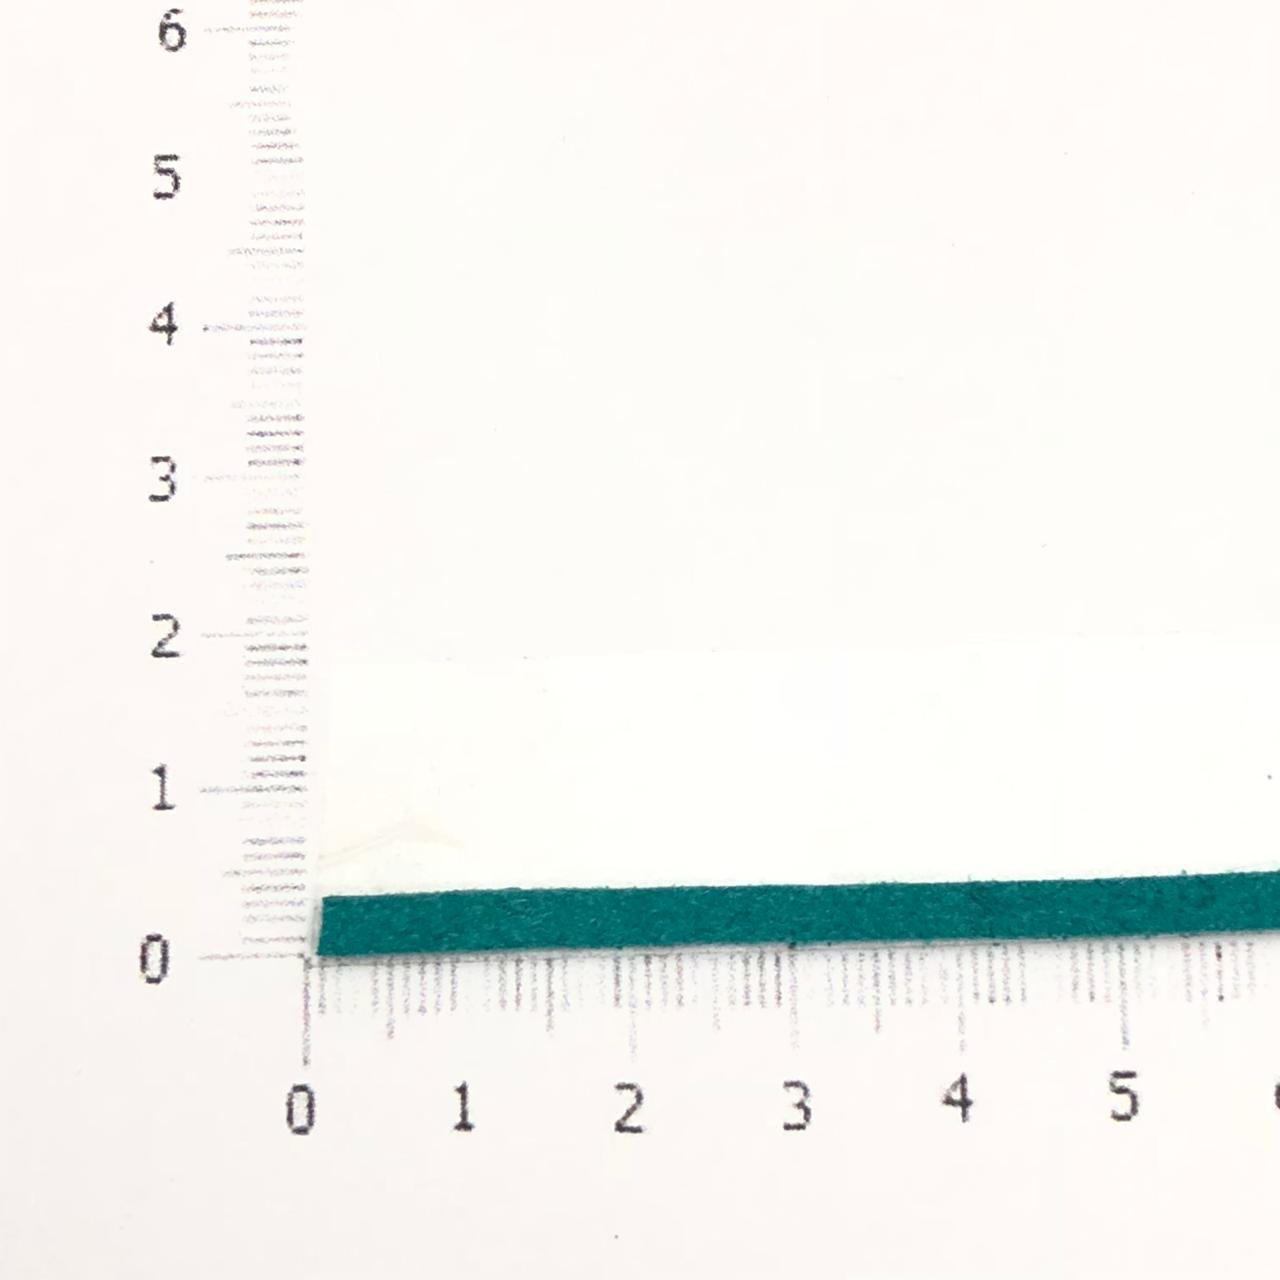 CM26 - Cordão de camurça Turquesa 3mm - 1metro